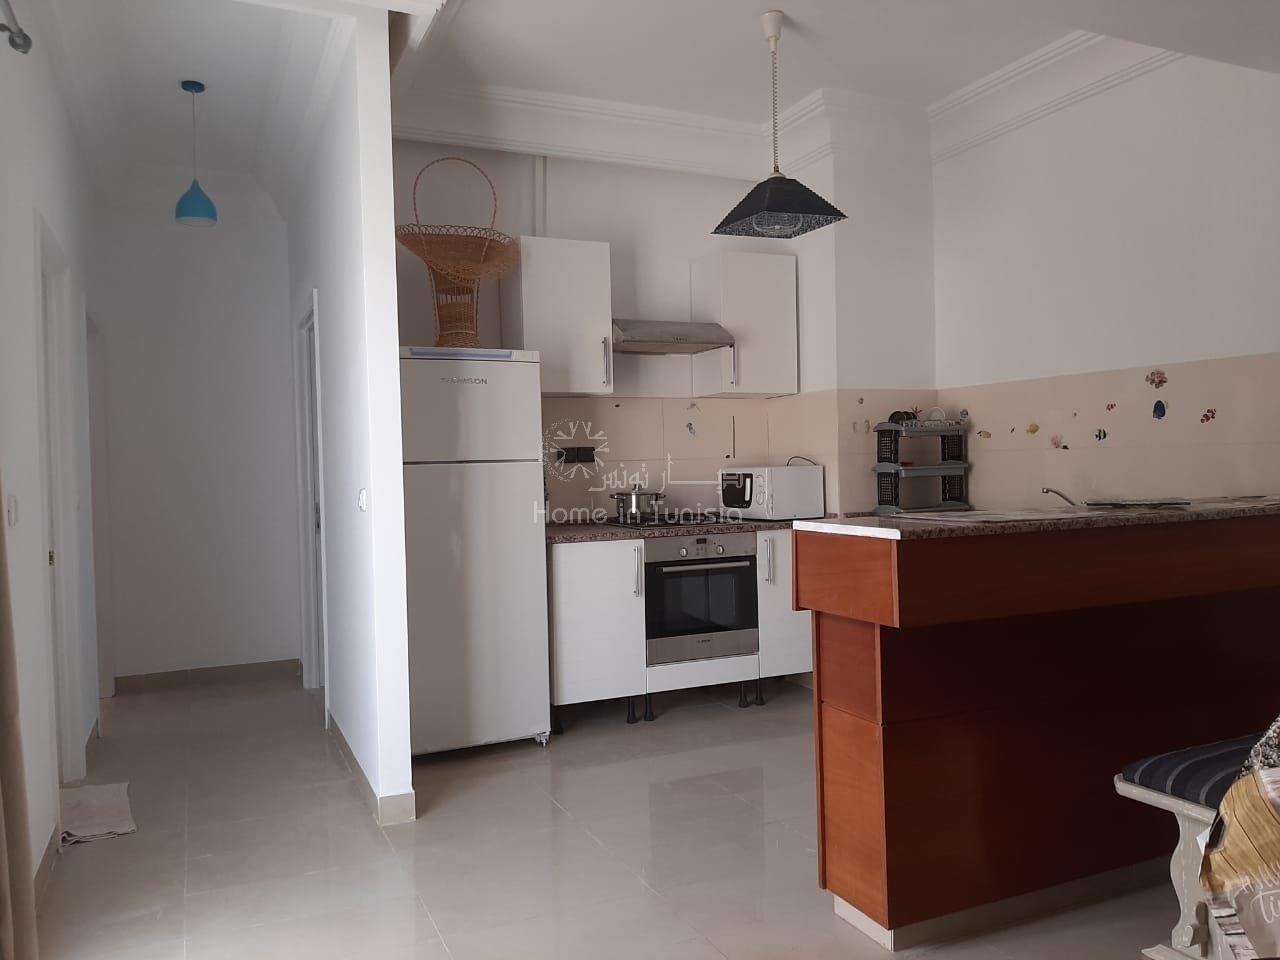 Appartement s+2 à louer à tantana